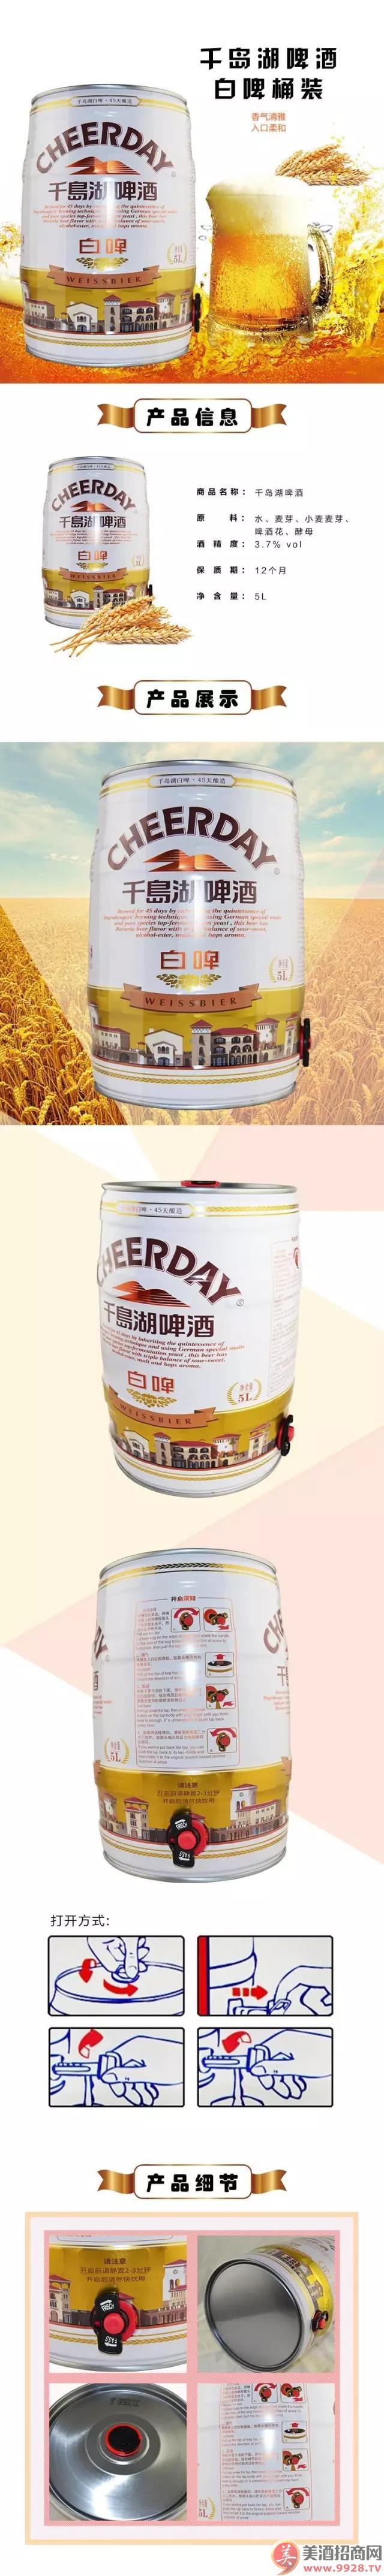 千岛湖啤酒白啤 泡沫丰富麦香清雅的小麦啤酒